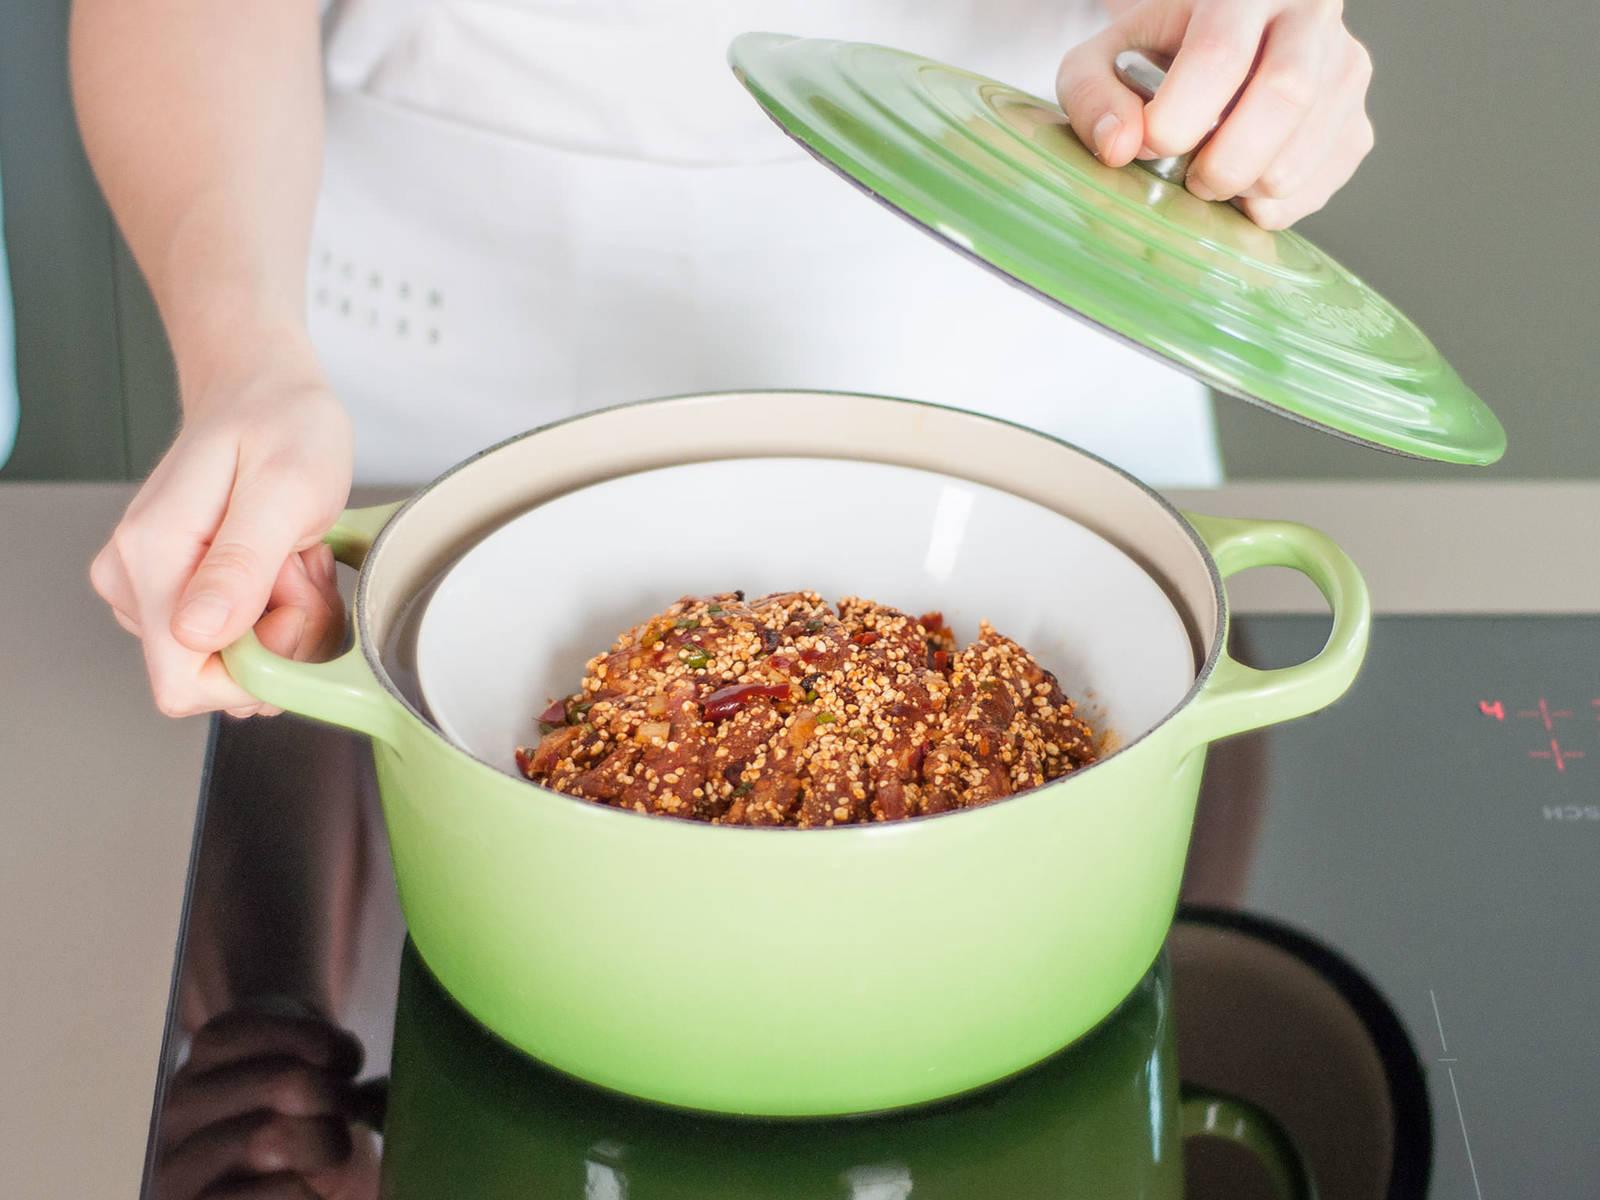 将腌好的五花肉和炒好的香料米粉混合抓匀,放到蒸笼或者耐热碗中,在一锅微沸的水(不要煮至完全沸腾)上蒸1.5至2小时,直至猪肉变软,米粉变粘且柔软。